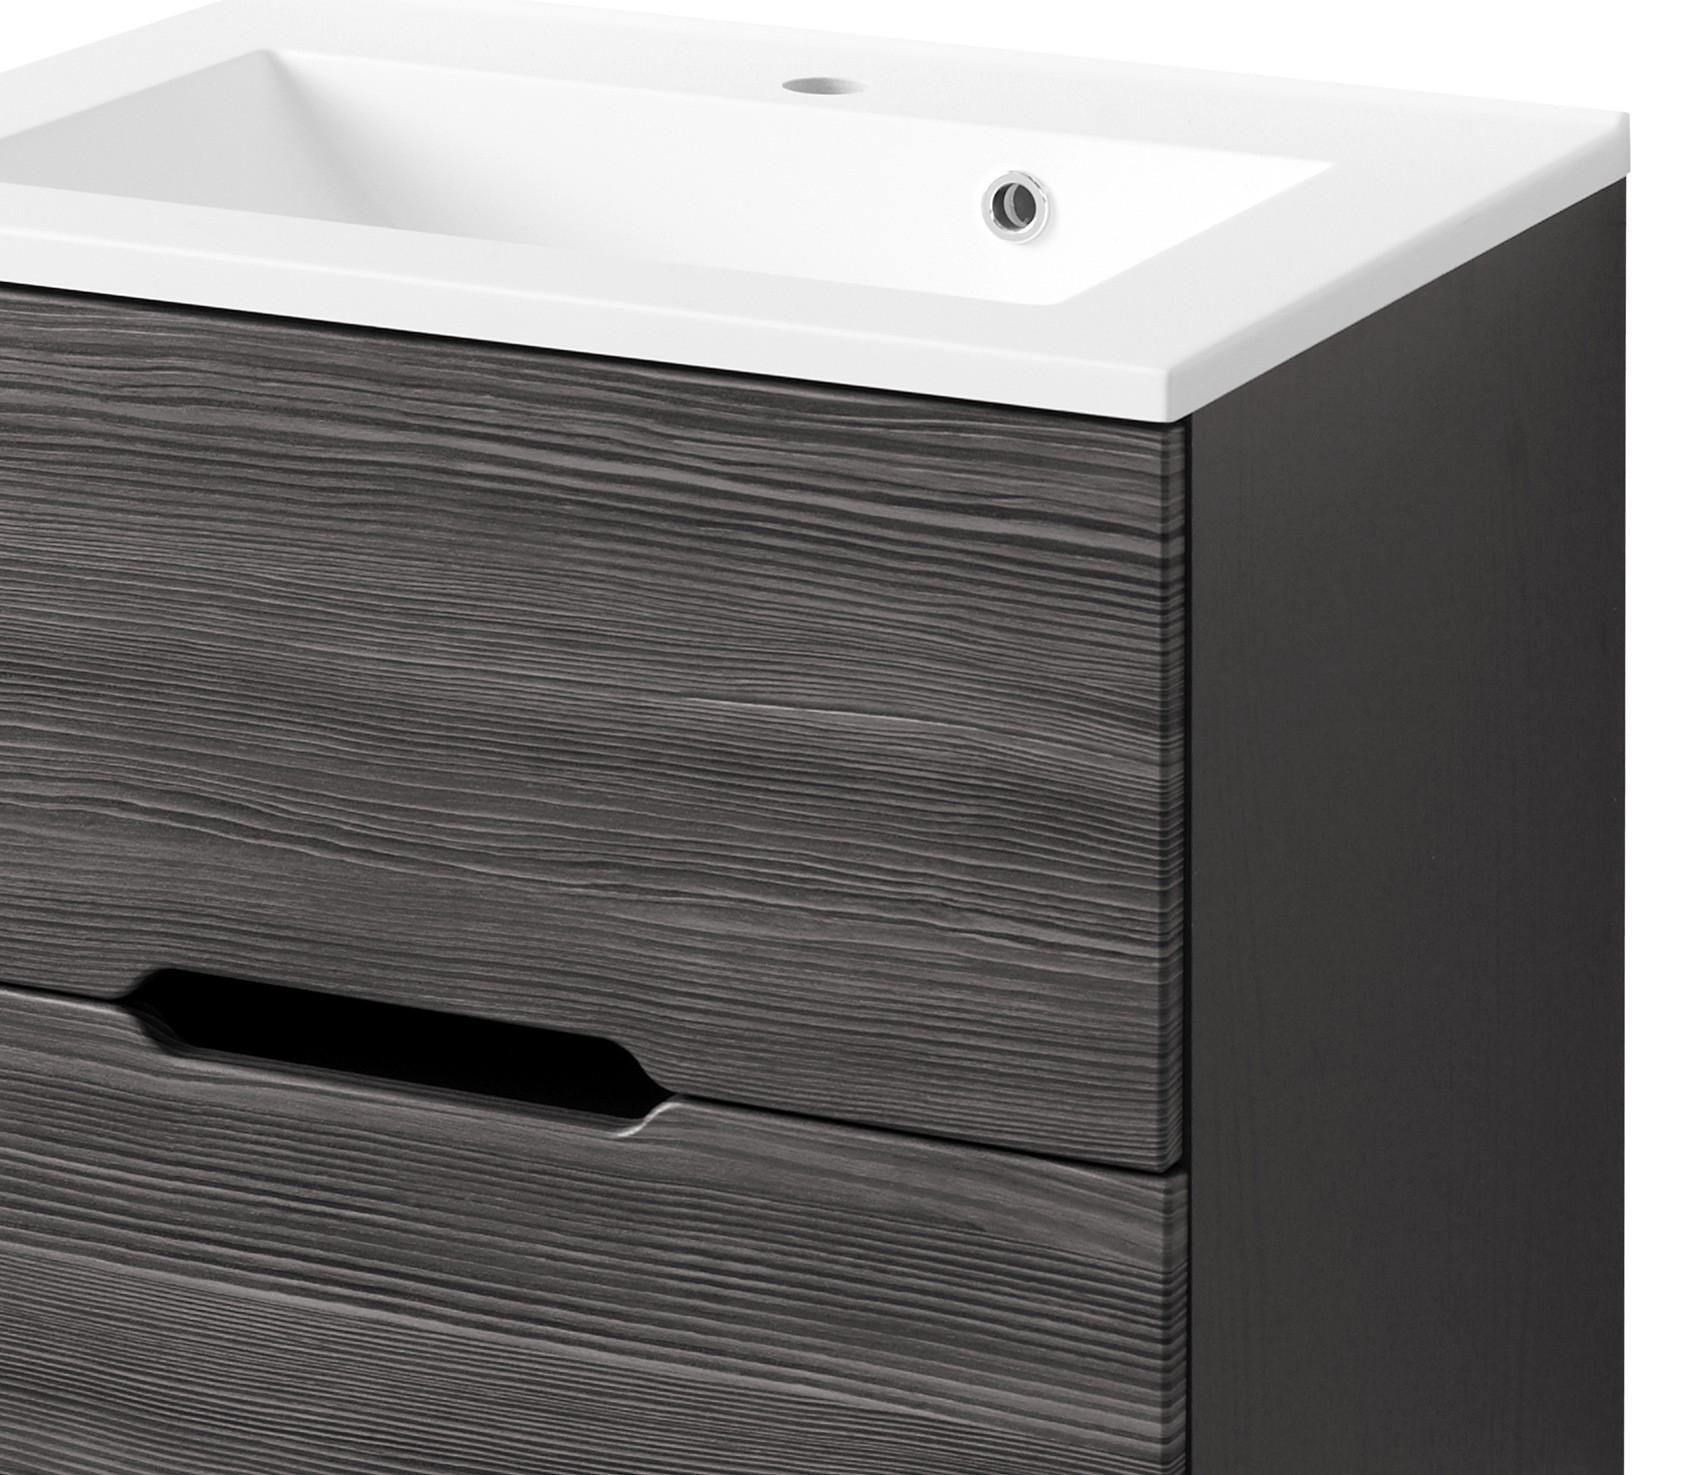 badm bel set belluno mit waschtisch 6 teilig 140 cm breit mit midischrank l rche. Black Bedroom Furniture Sets. Home Design Ideas